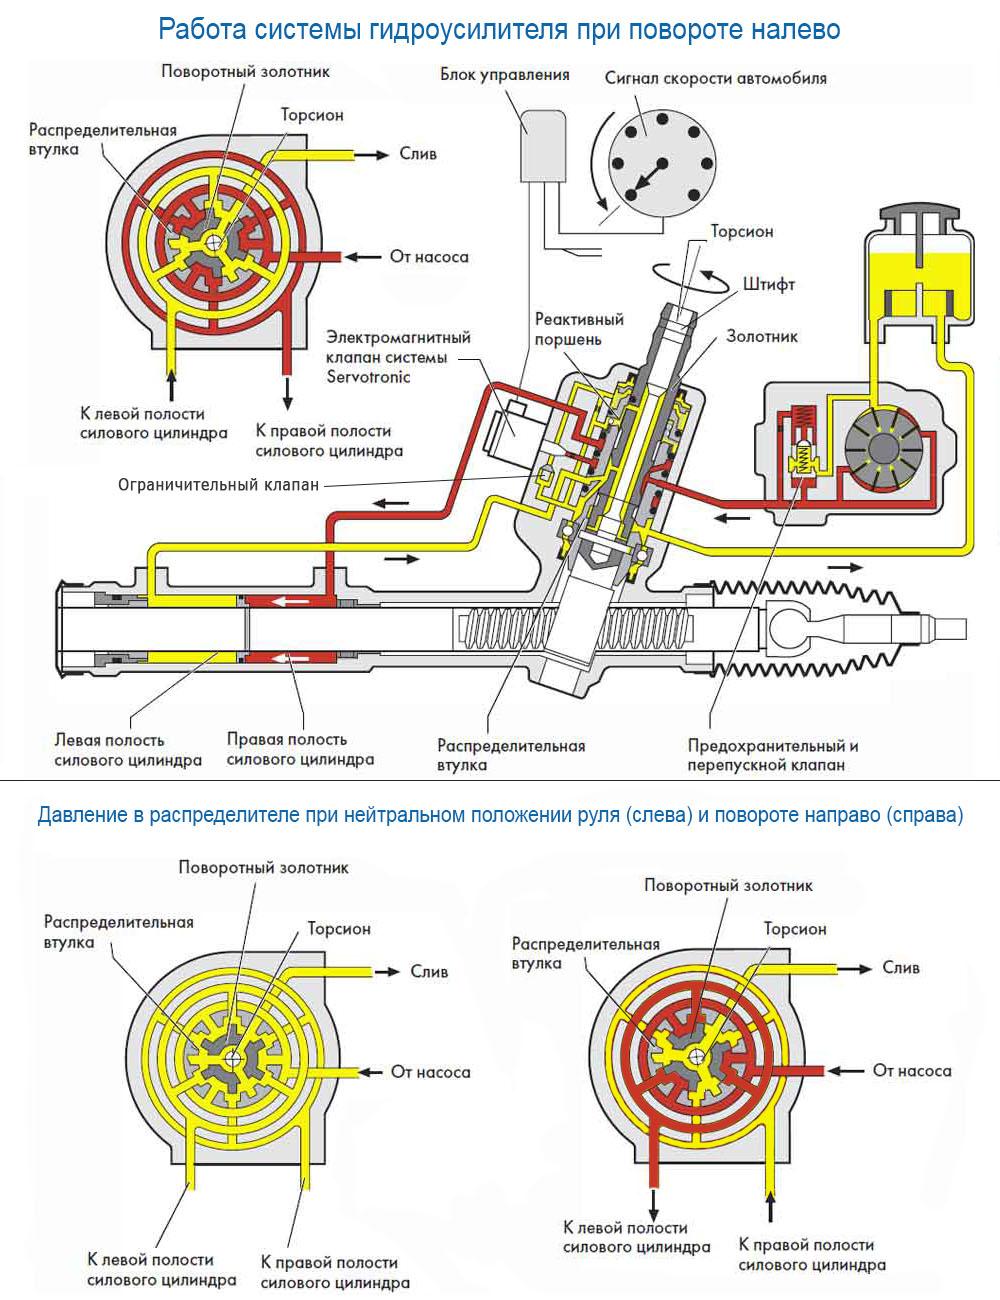 принцип работы гидроусилителя